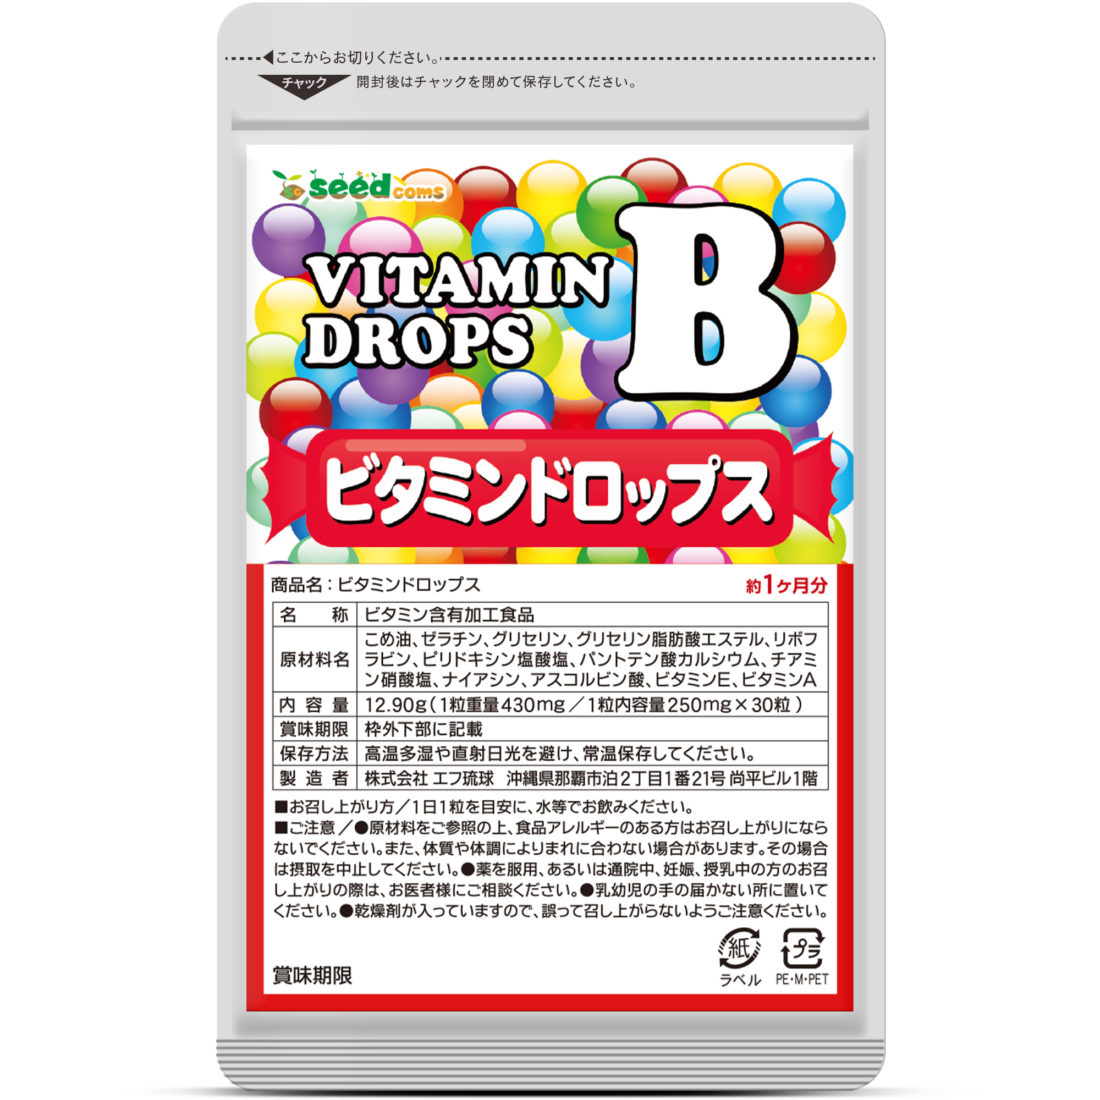 ビタミンドロップス シードコムス seedcoms